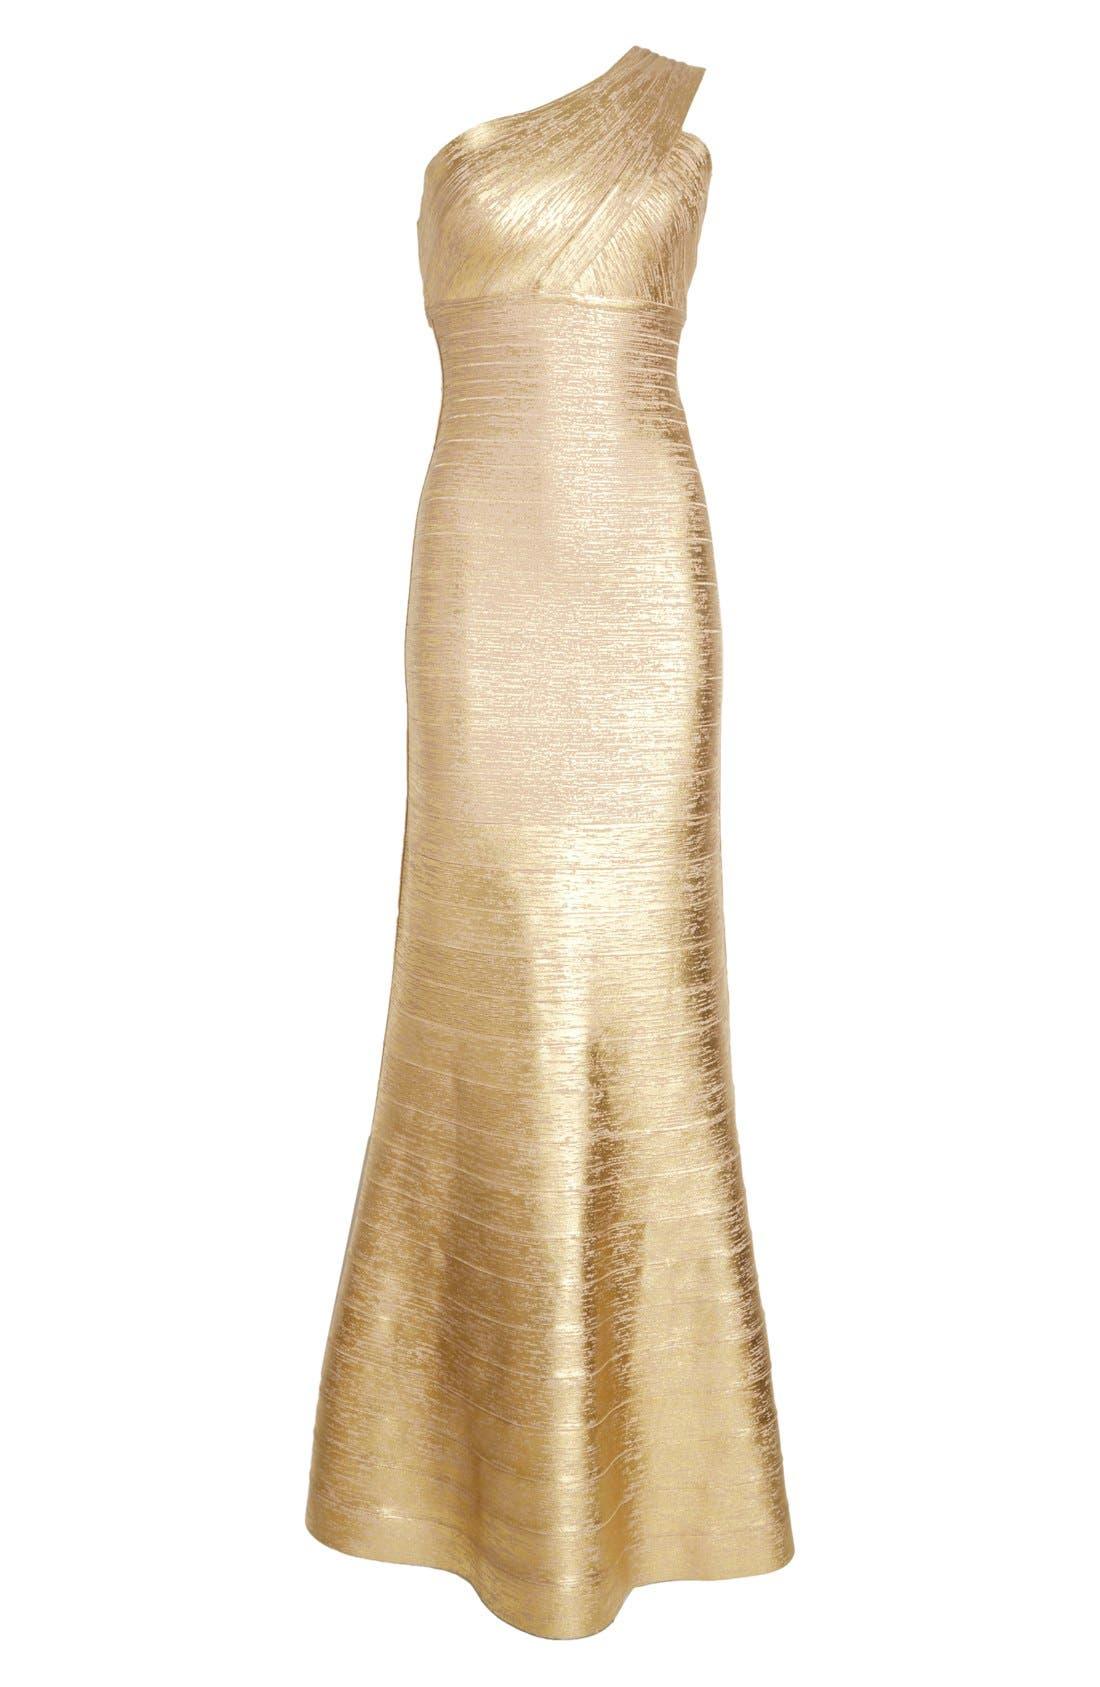 Alternate Image 4  - Herve Leger 'Lilyanna' One-Shoulder Woodgrain Metallic Gown